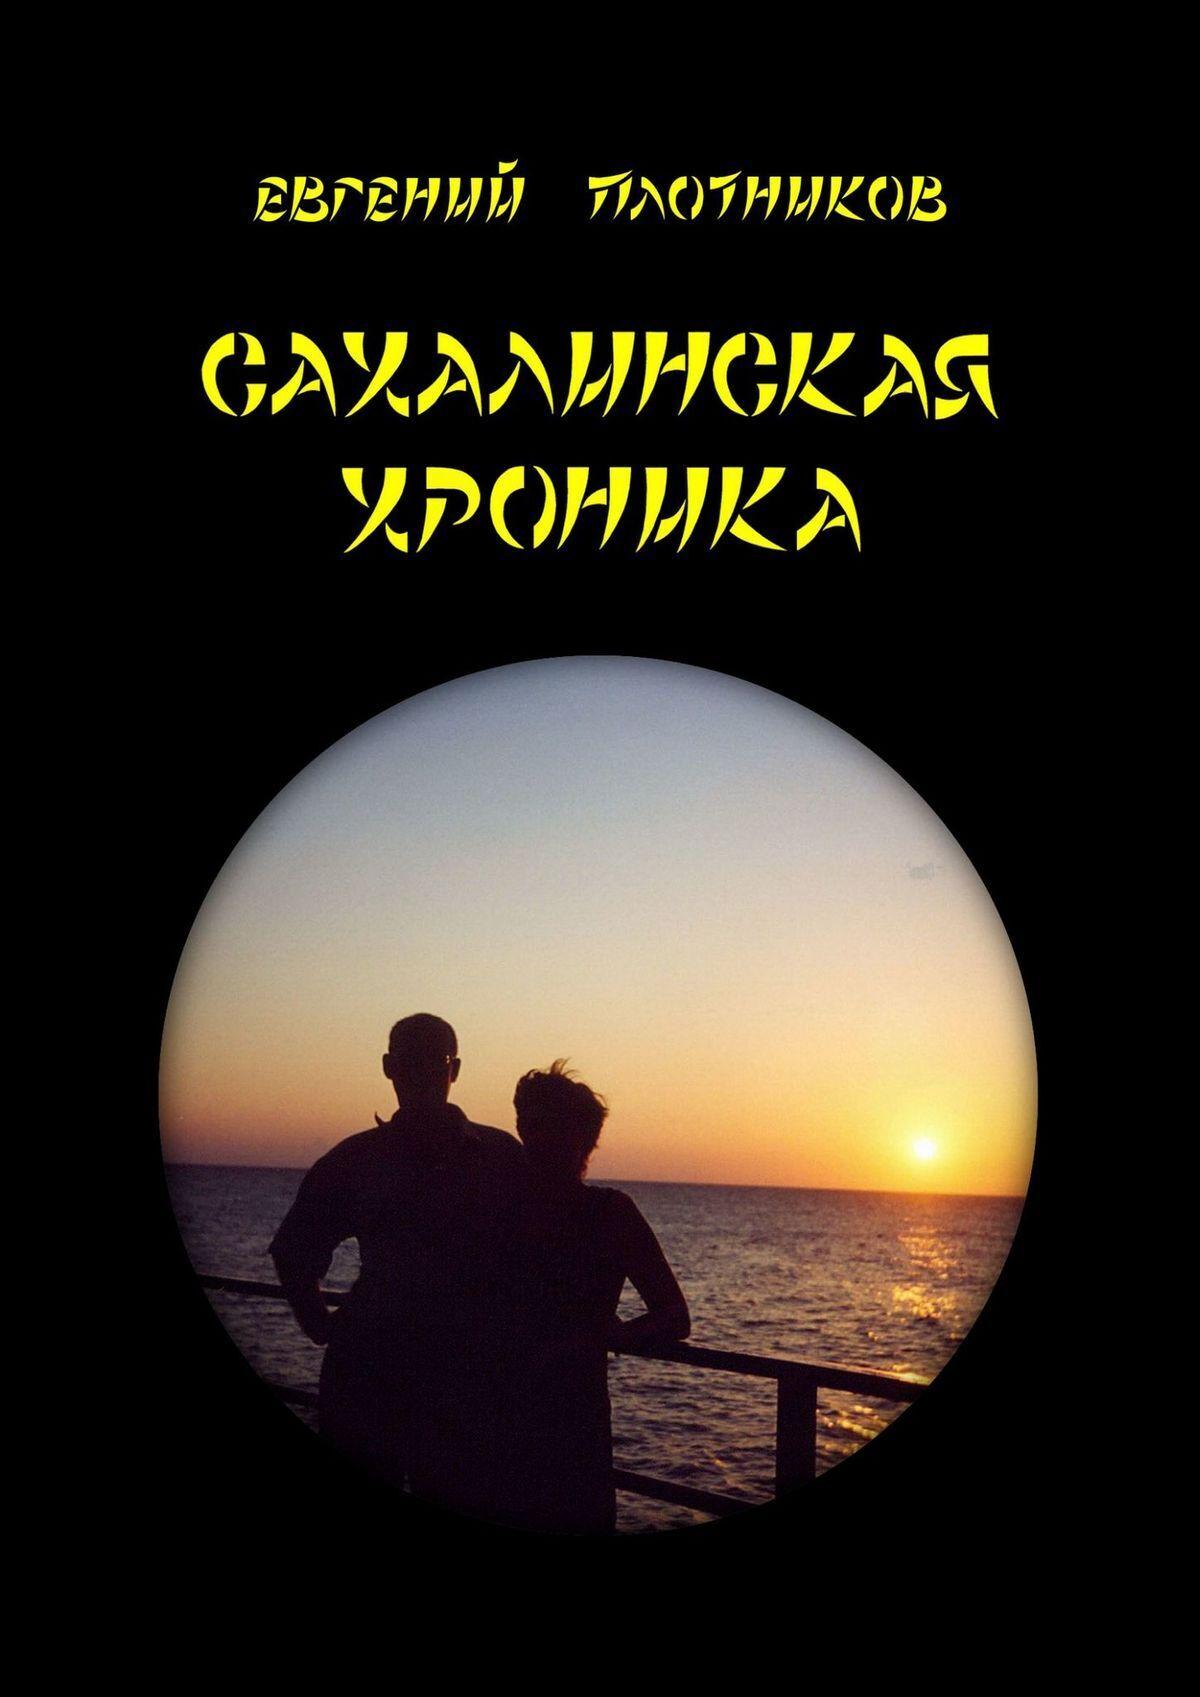 Евгений Плотников Сахалинская хроника евгений плотников сахалинская хроника